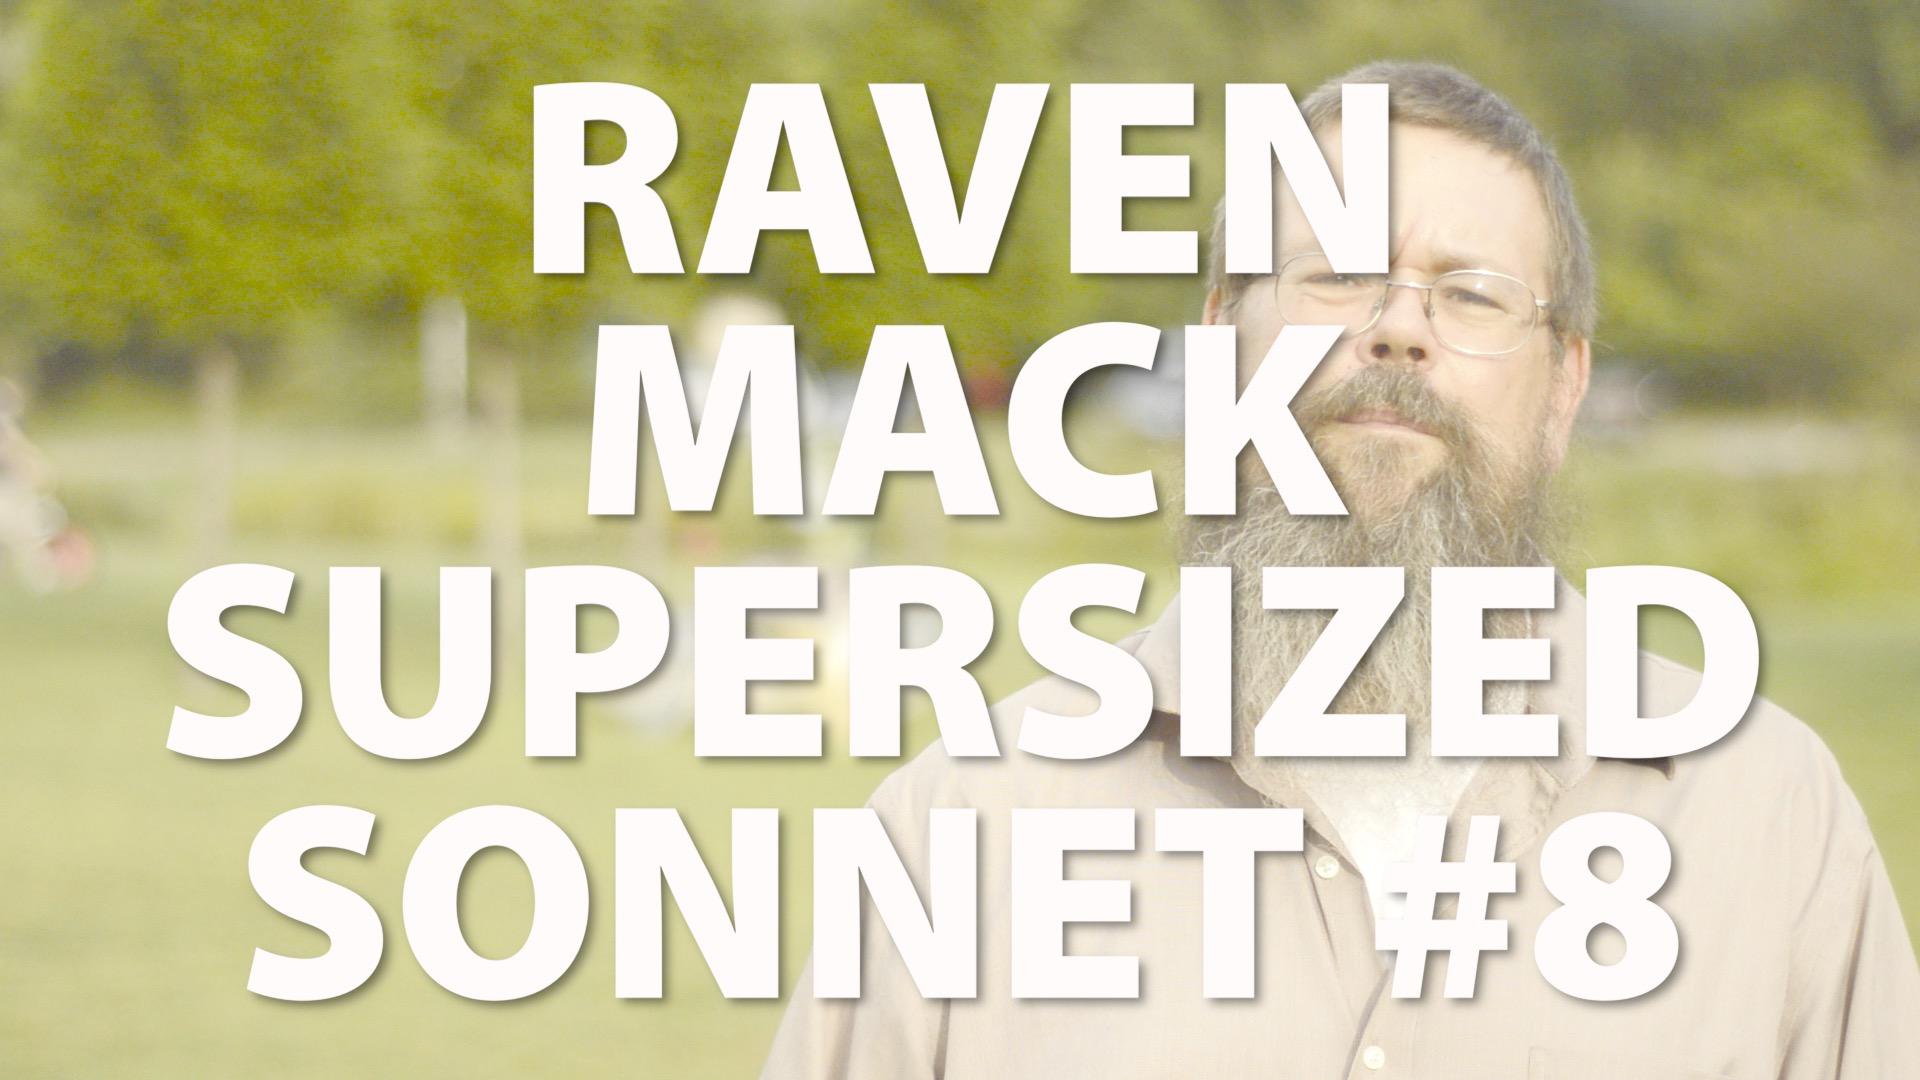 Raven Mack Supersized Sonnet #8